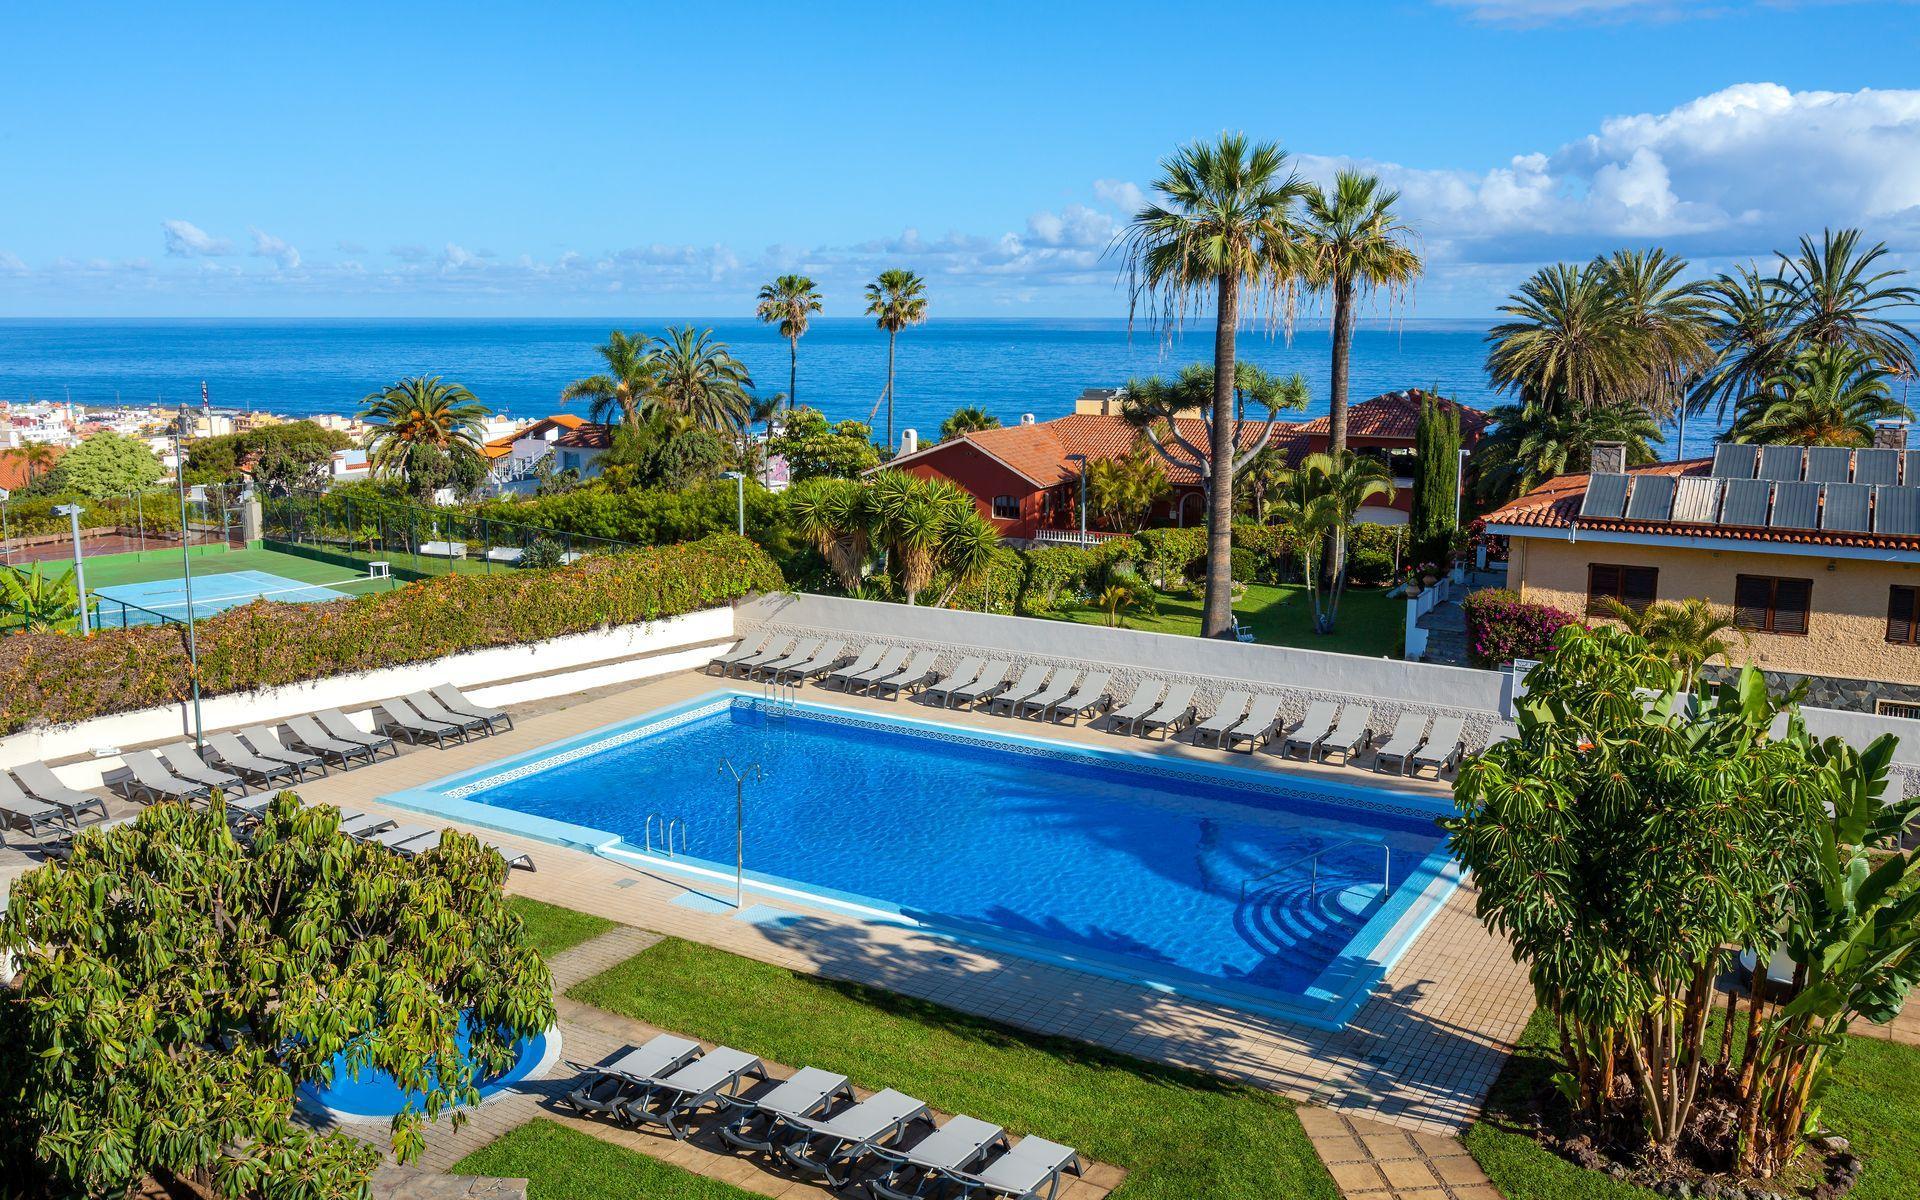 Viajes Tenerife desde 288  Ofertas de escapadas baratas